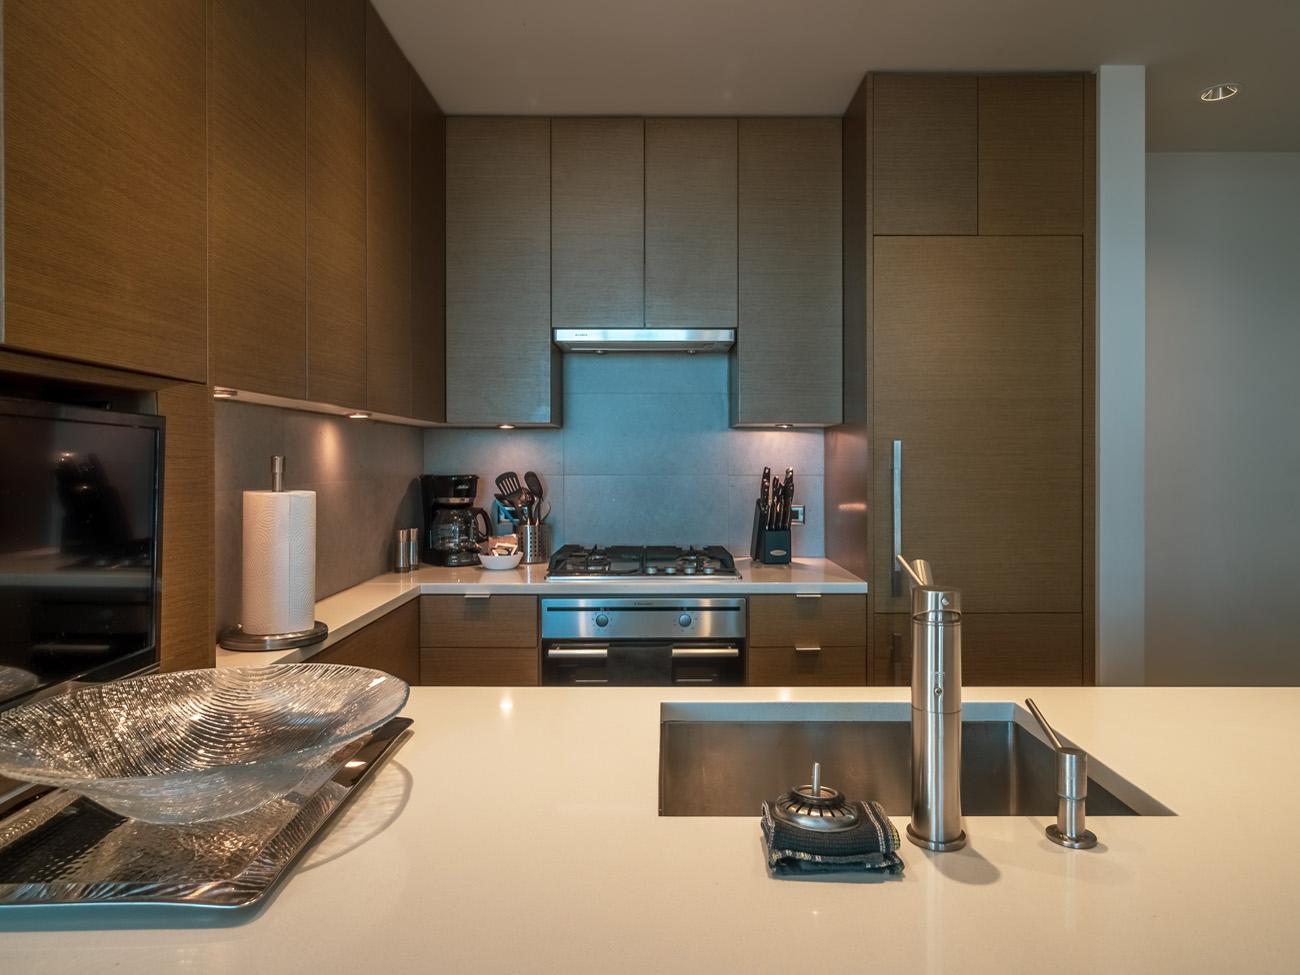 high rise condo kitchen Victoria BC